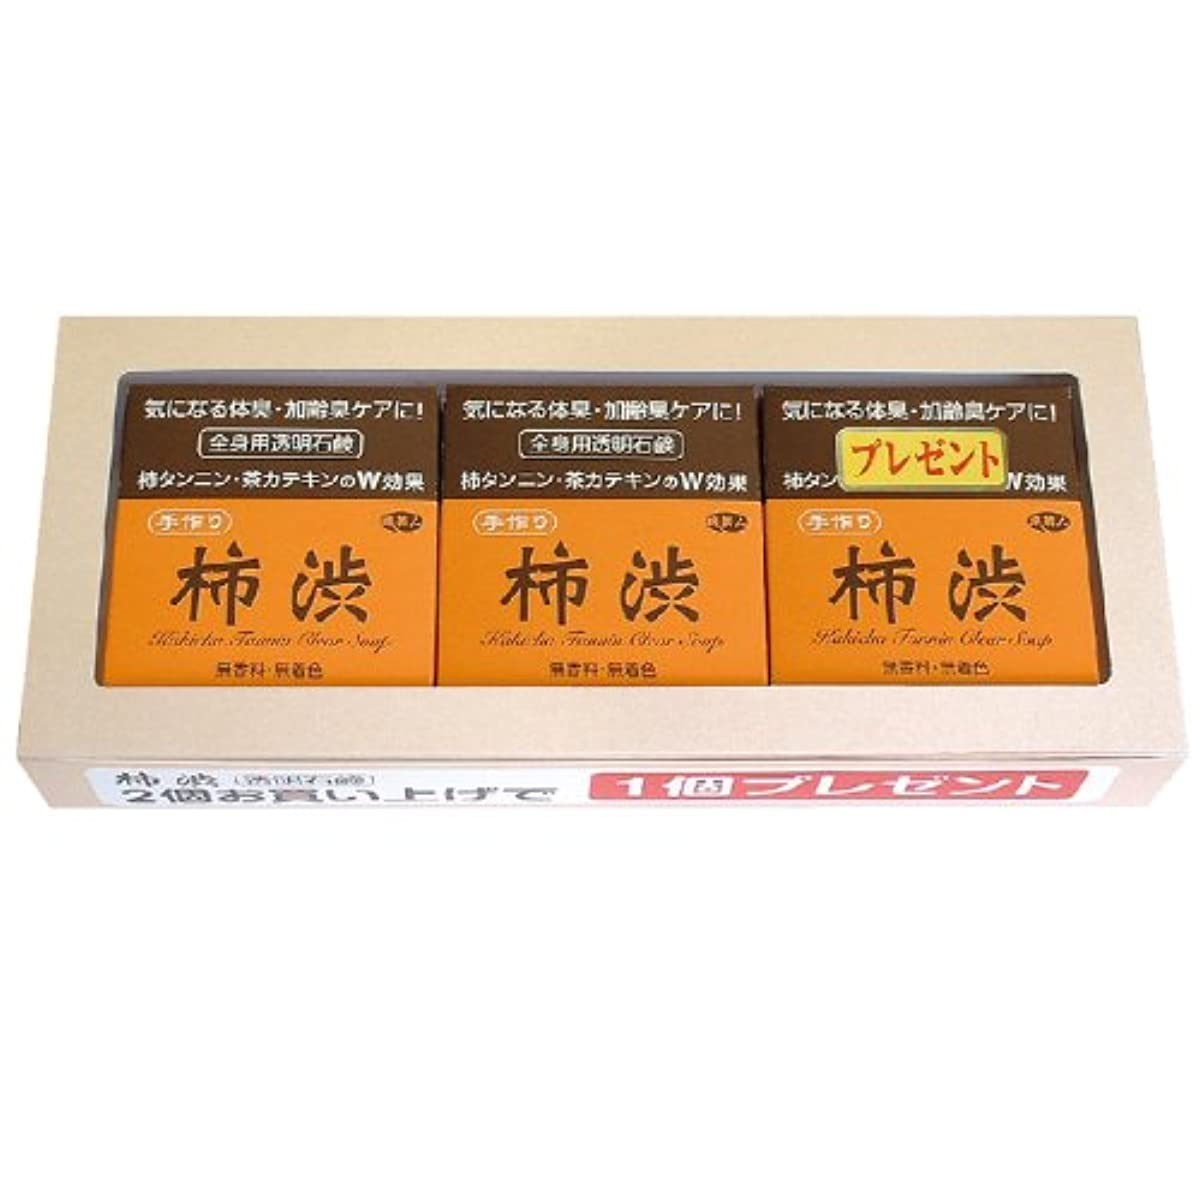 ギャザーノミネートクロニクルアズマ商事の 柿渋透明石鹸 2個の値段で3個入りセット